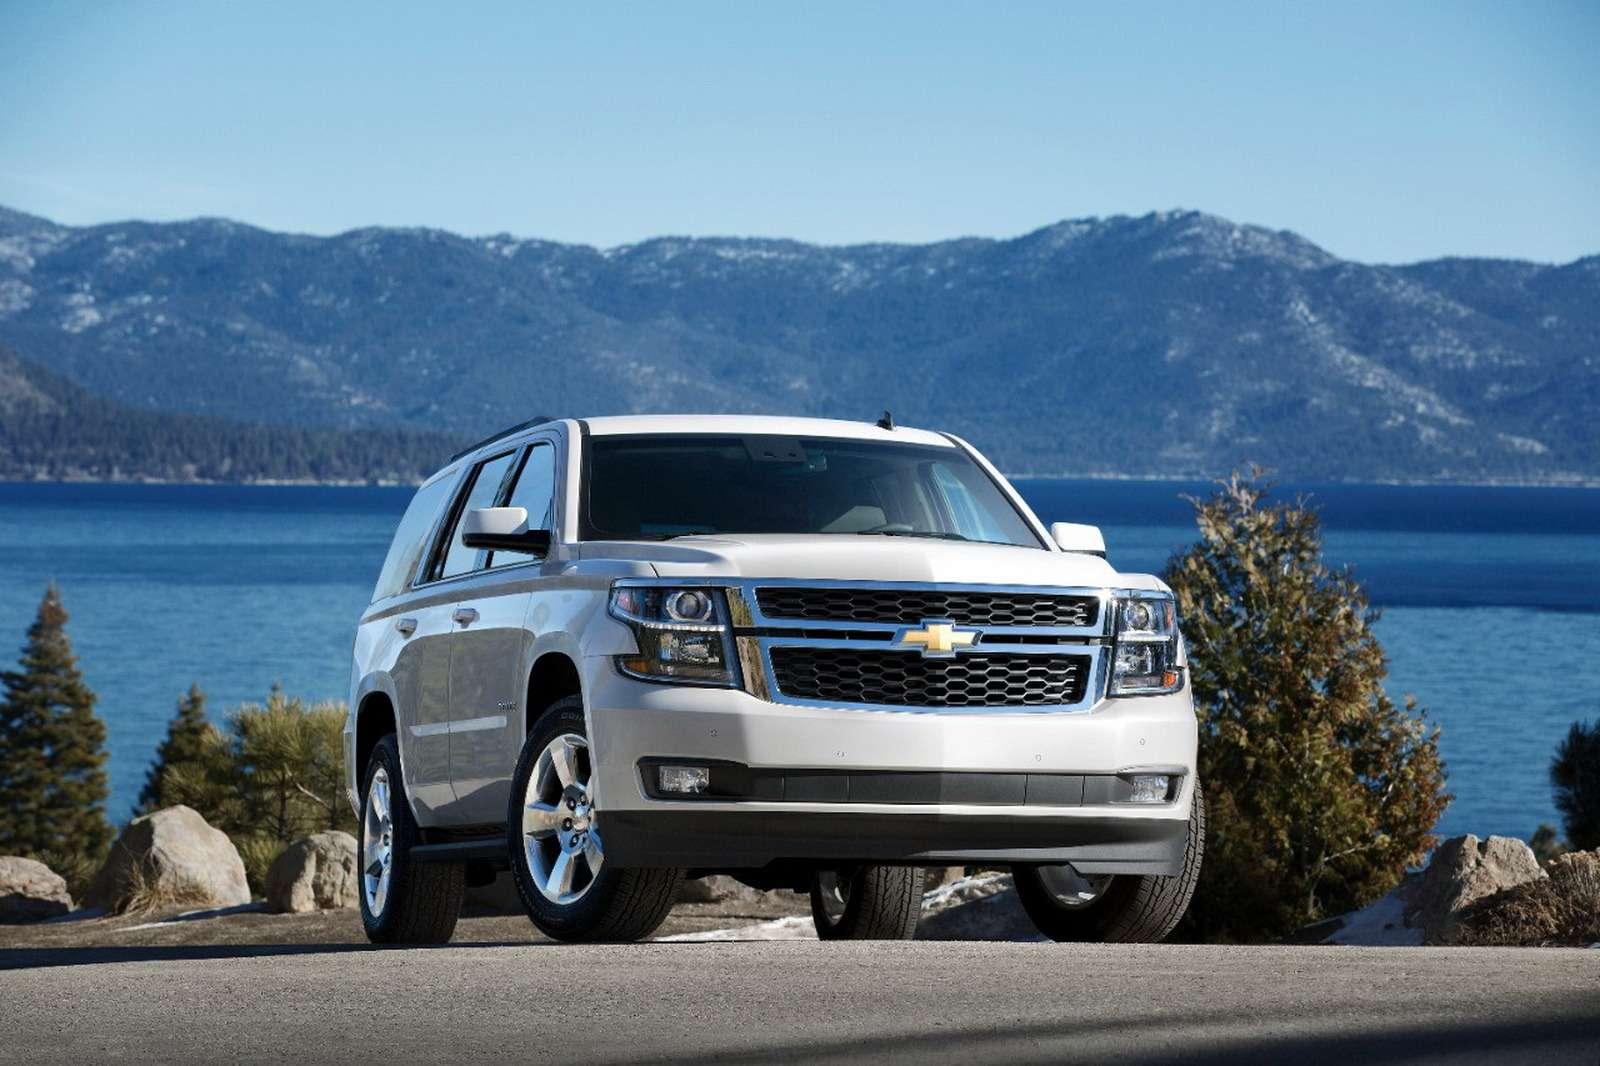 Chevrolet-Tahoe-293190(1)_новый размер